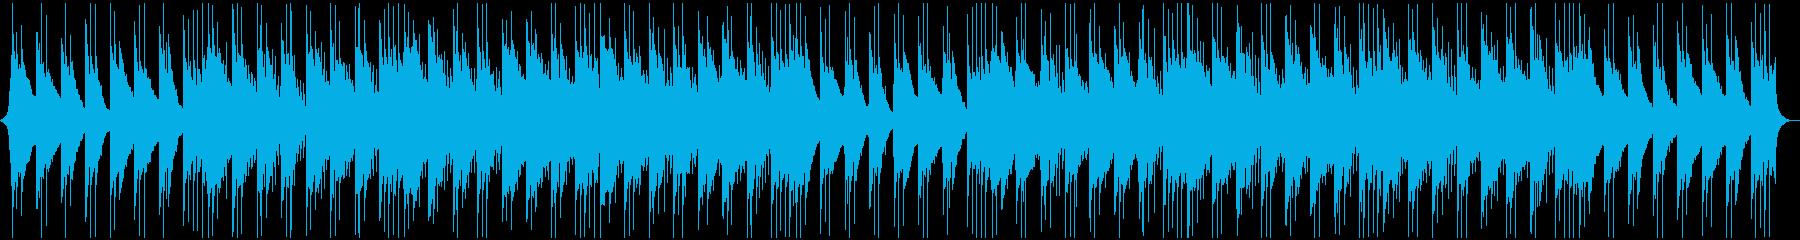 ビジネス、企業VP、エレキギターの再生済みの波形